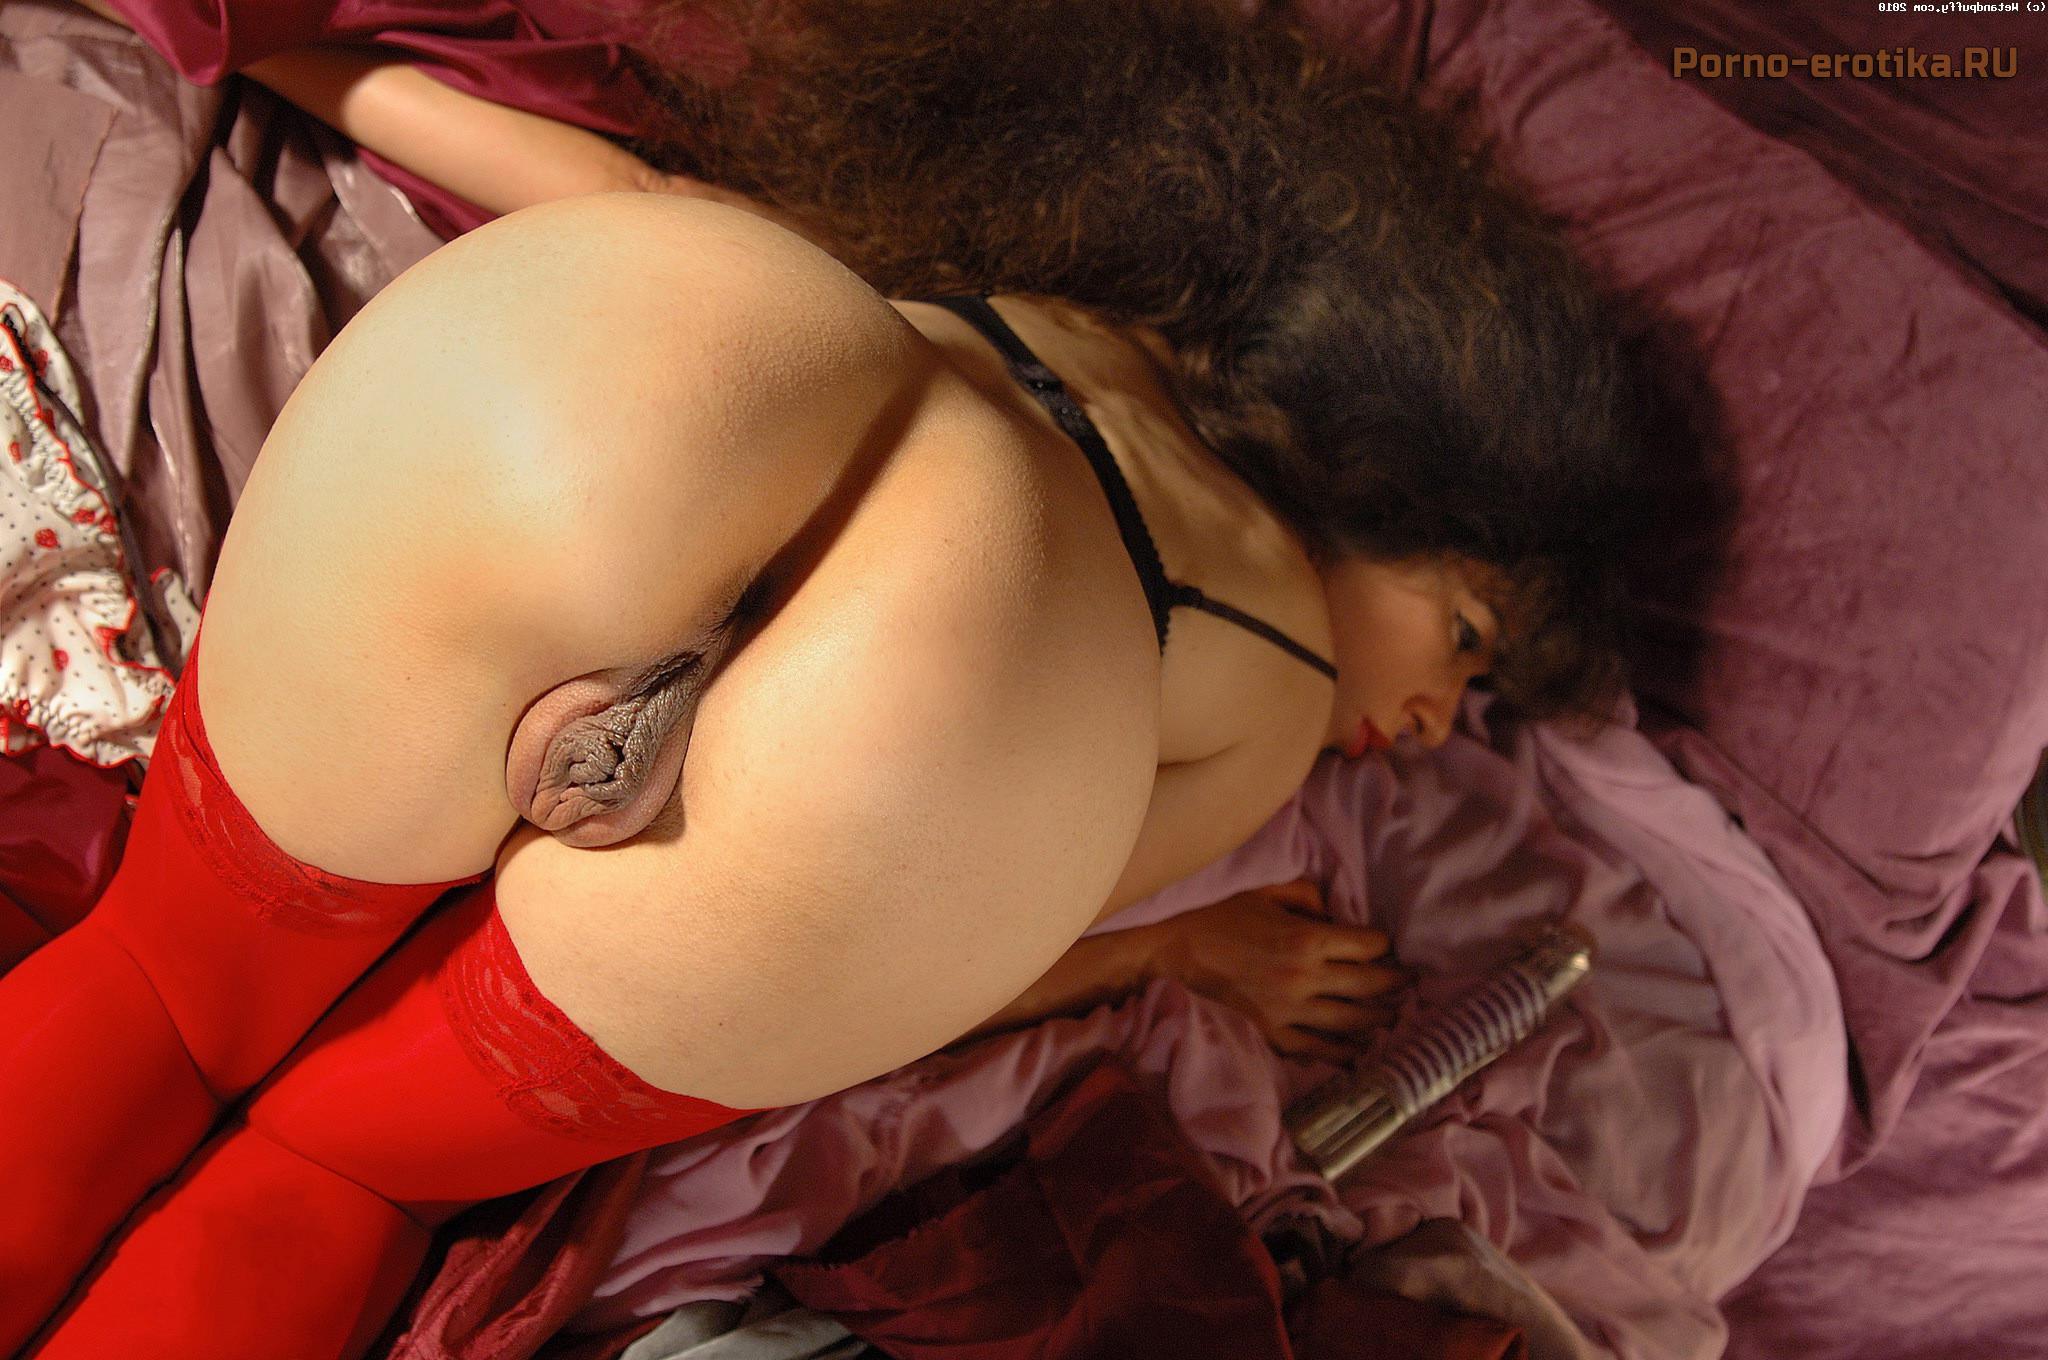 пизды с большими губами порно фото